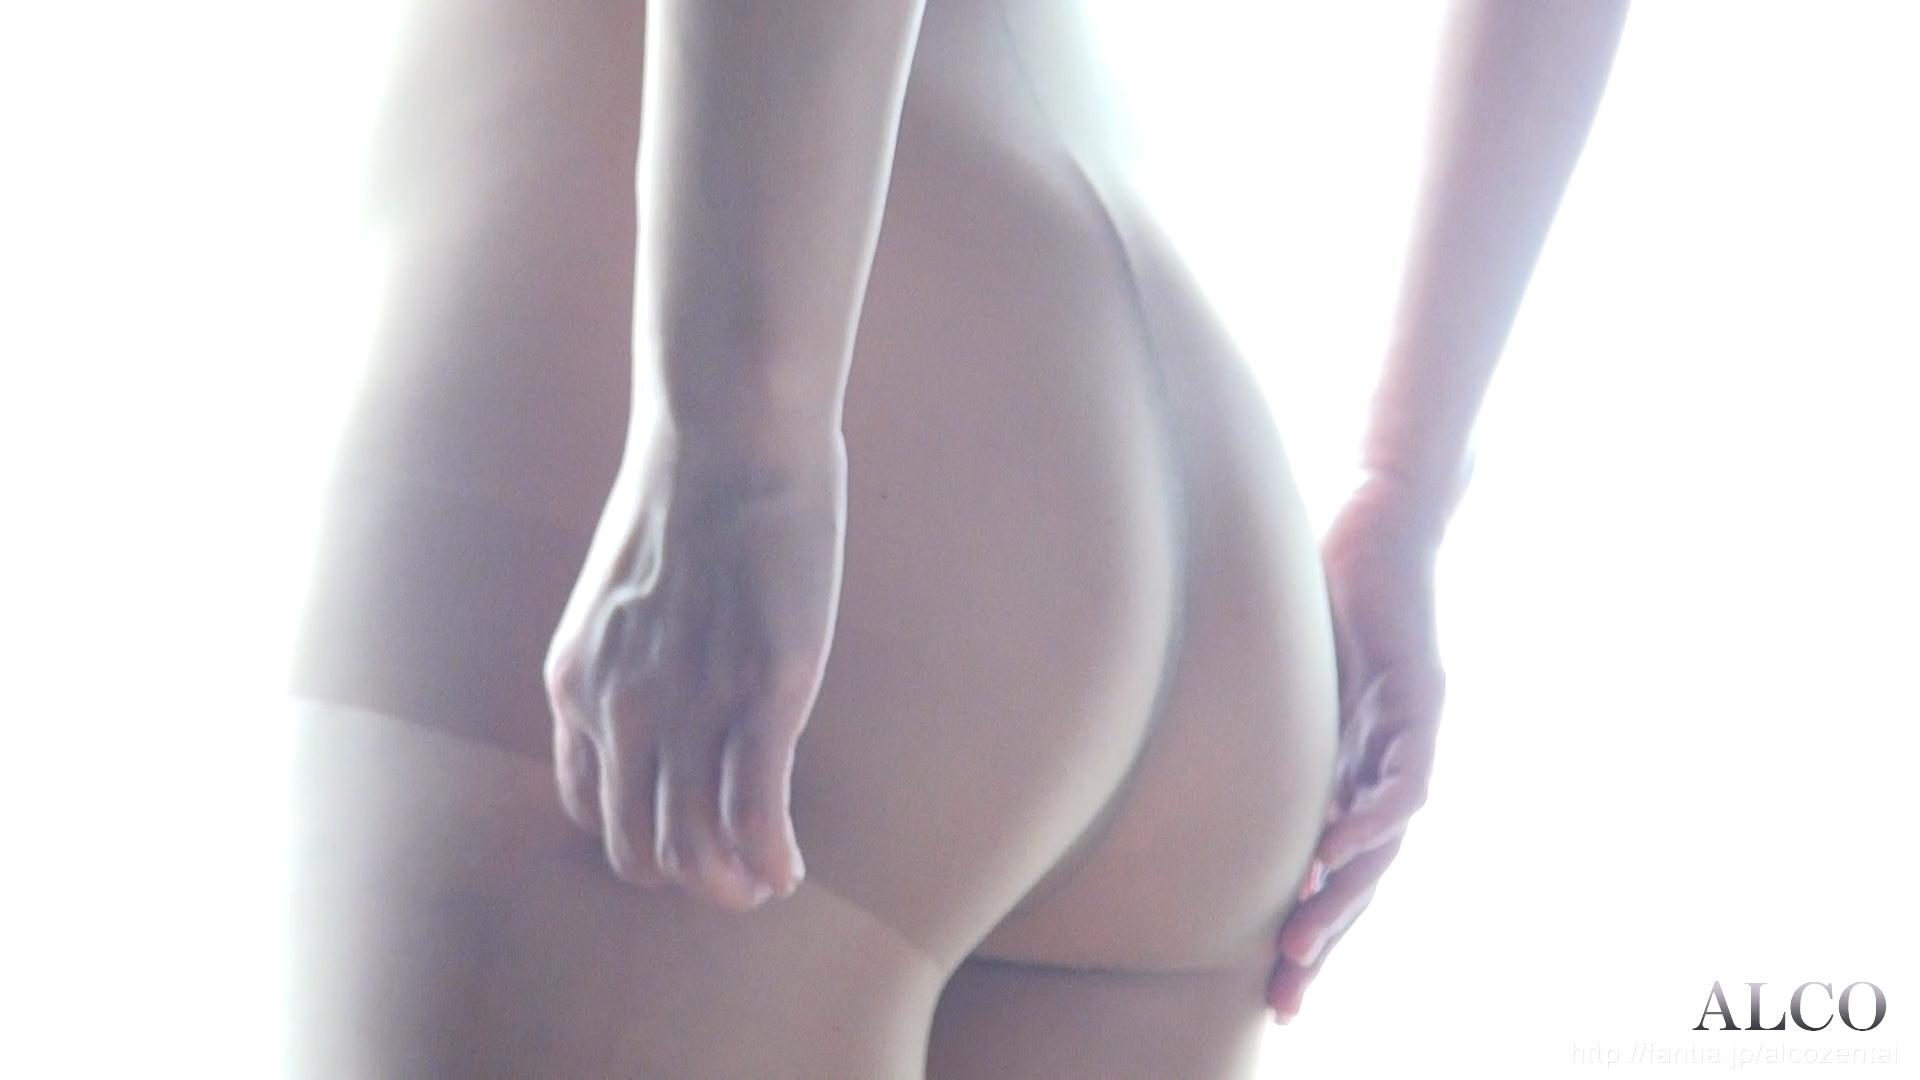 【HD】ALCO ZENTAIフェチムービー #007 サンプル画像07